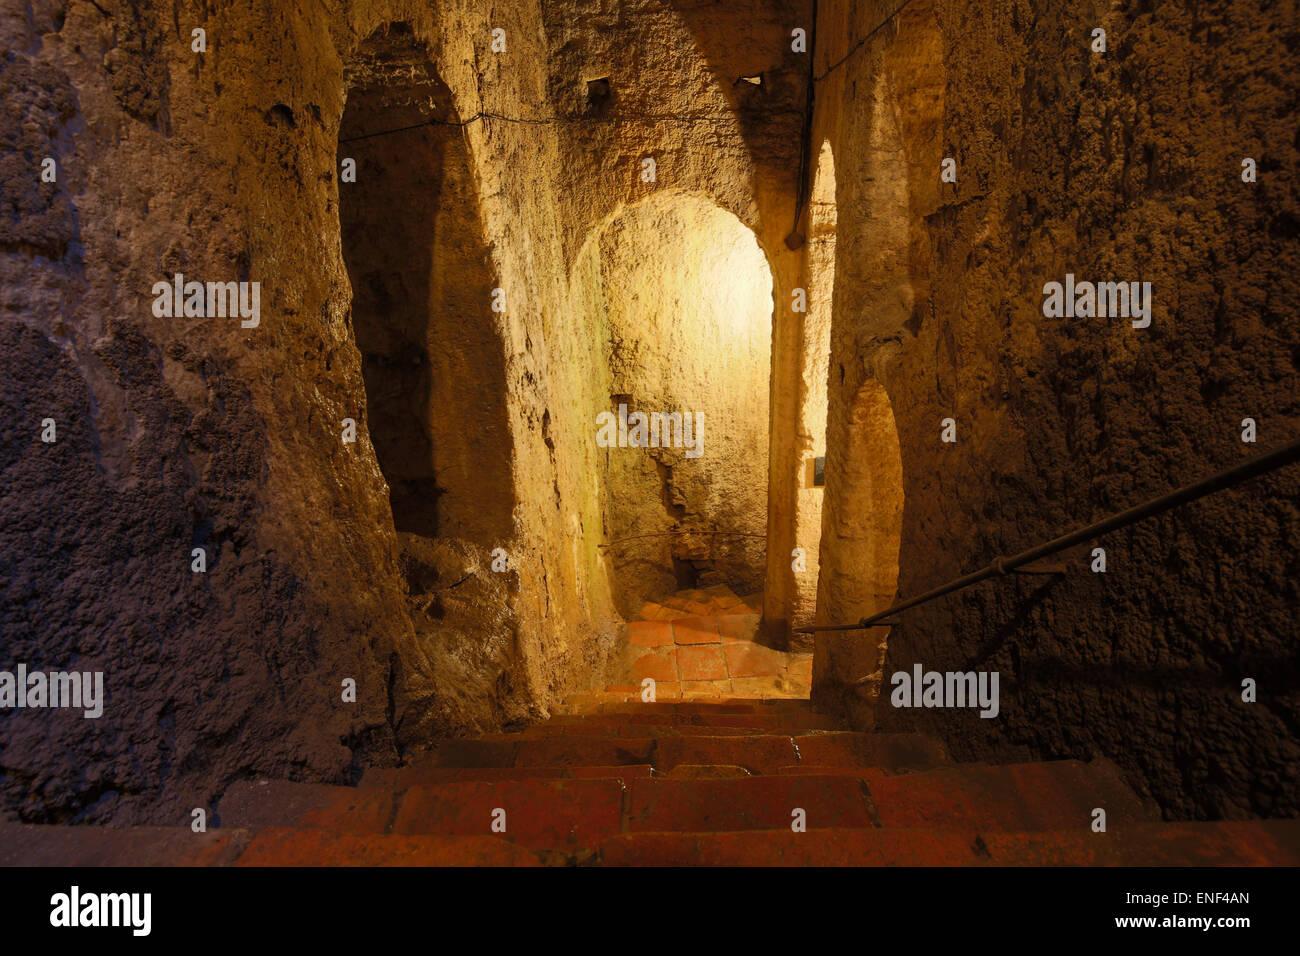 Ronda, Province de Malaga, Andalousie, Espagne du sud. La structure militaire arabe du 14ème siècle connu Photo Stock